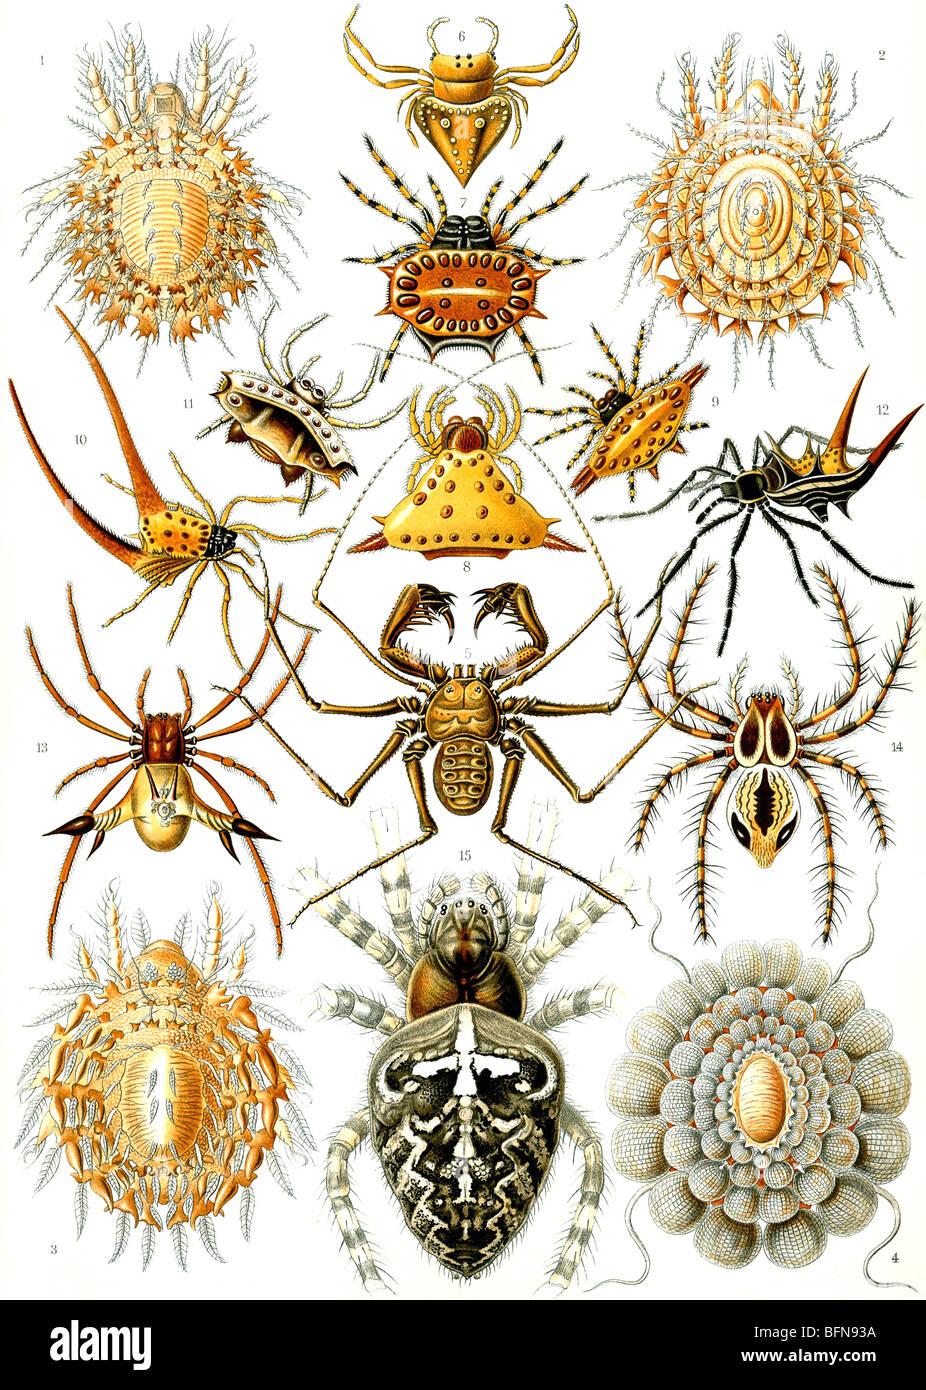 La piastra 66 da Ernst Haeckel's Kunstformen der Natur (1904), che mostra gli organismi classificati come Arachnida Immagini Stock